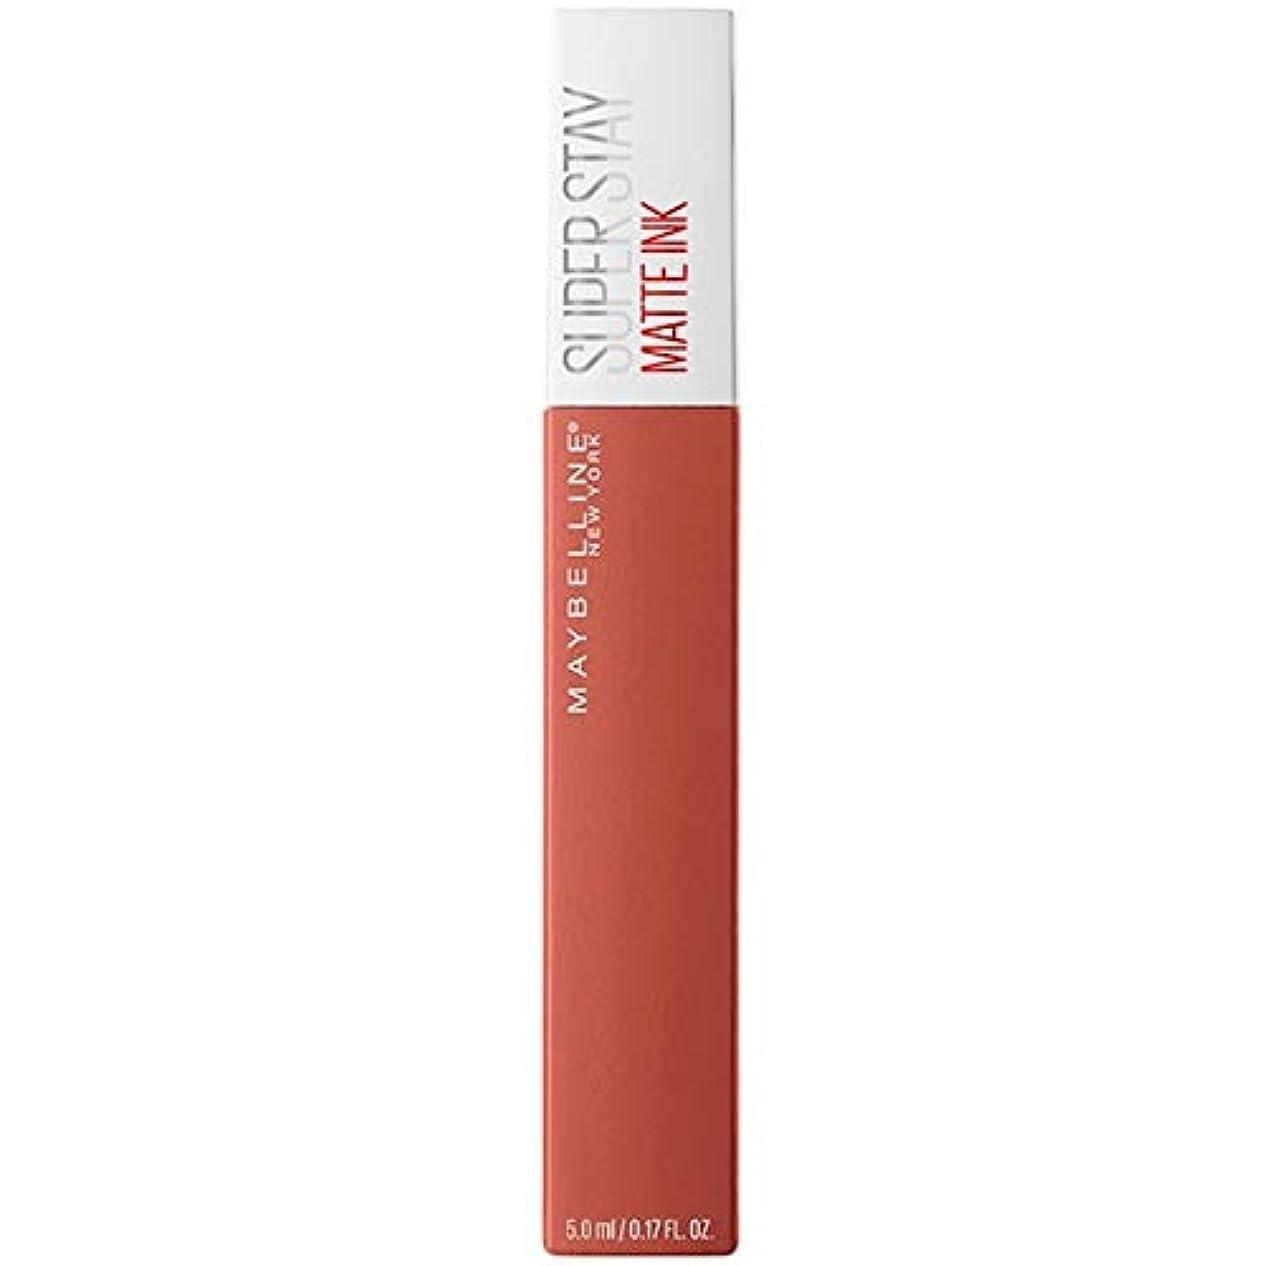 受賞弾力性のあるグロー[Maybelline ] メイベリンSuperstayマットインク70アマゾン - Maybelline Superstay Matte Ink 70 Amazonian [並行輸入品]